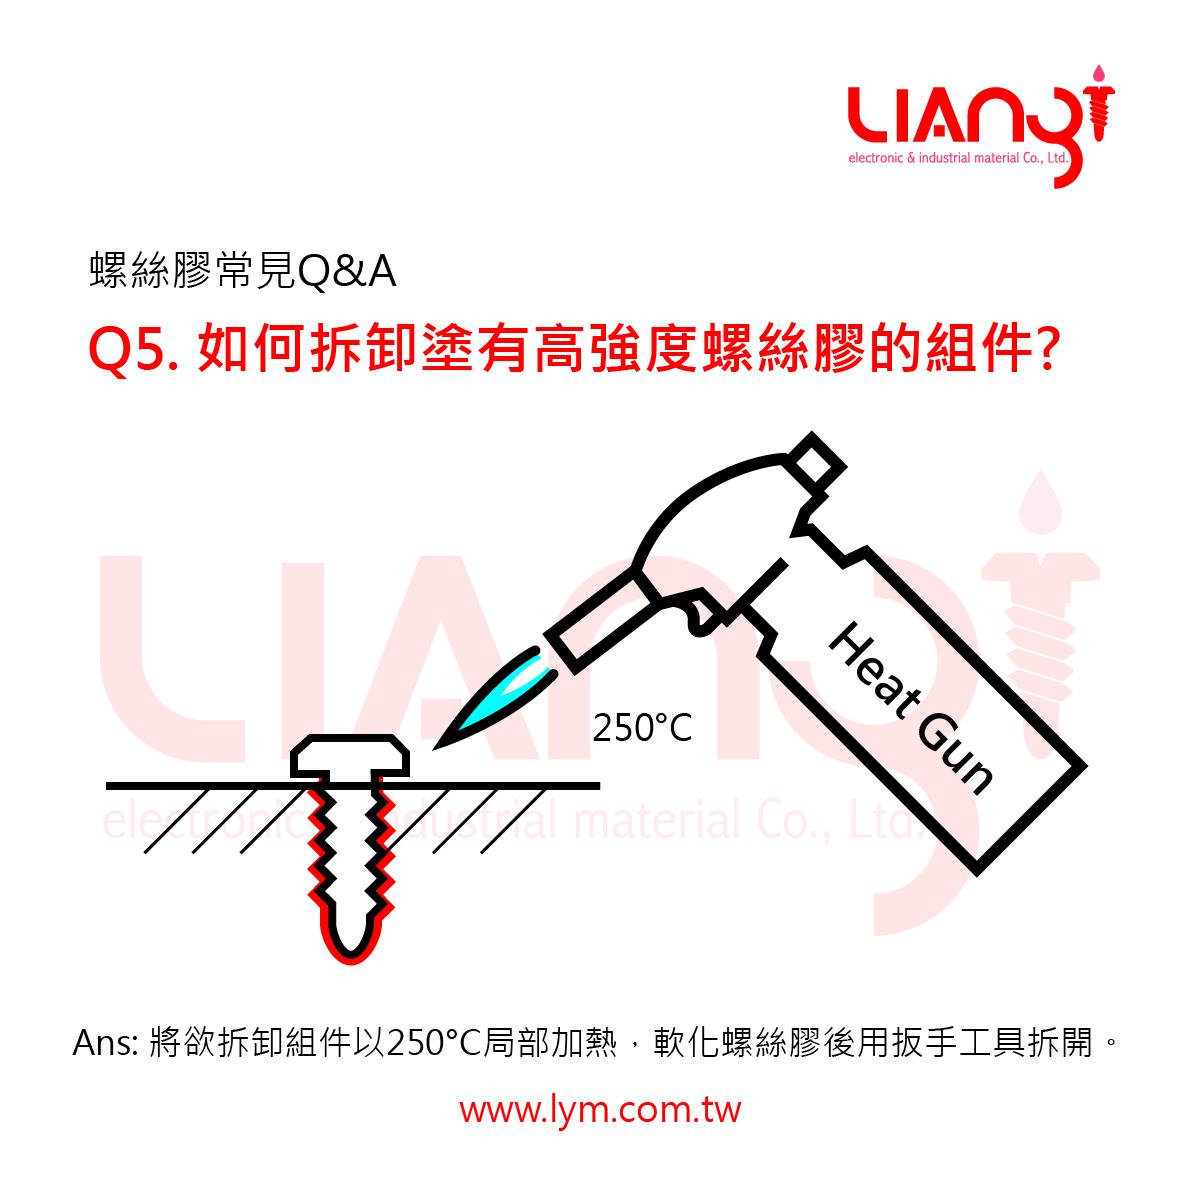 螺絲膠QA系列-05